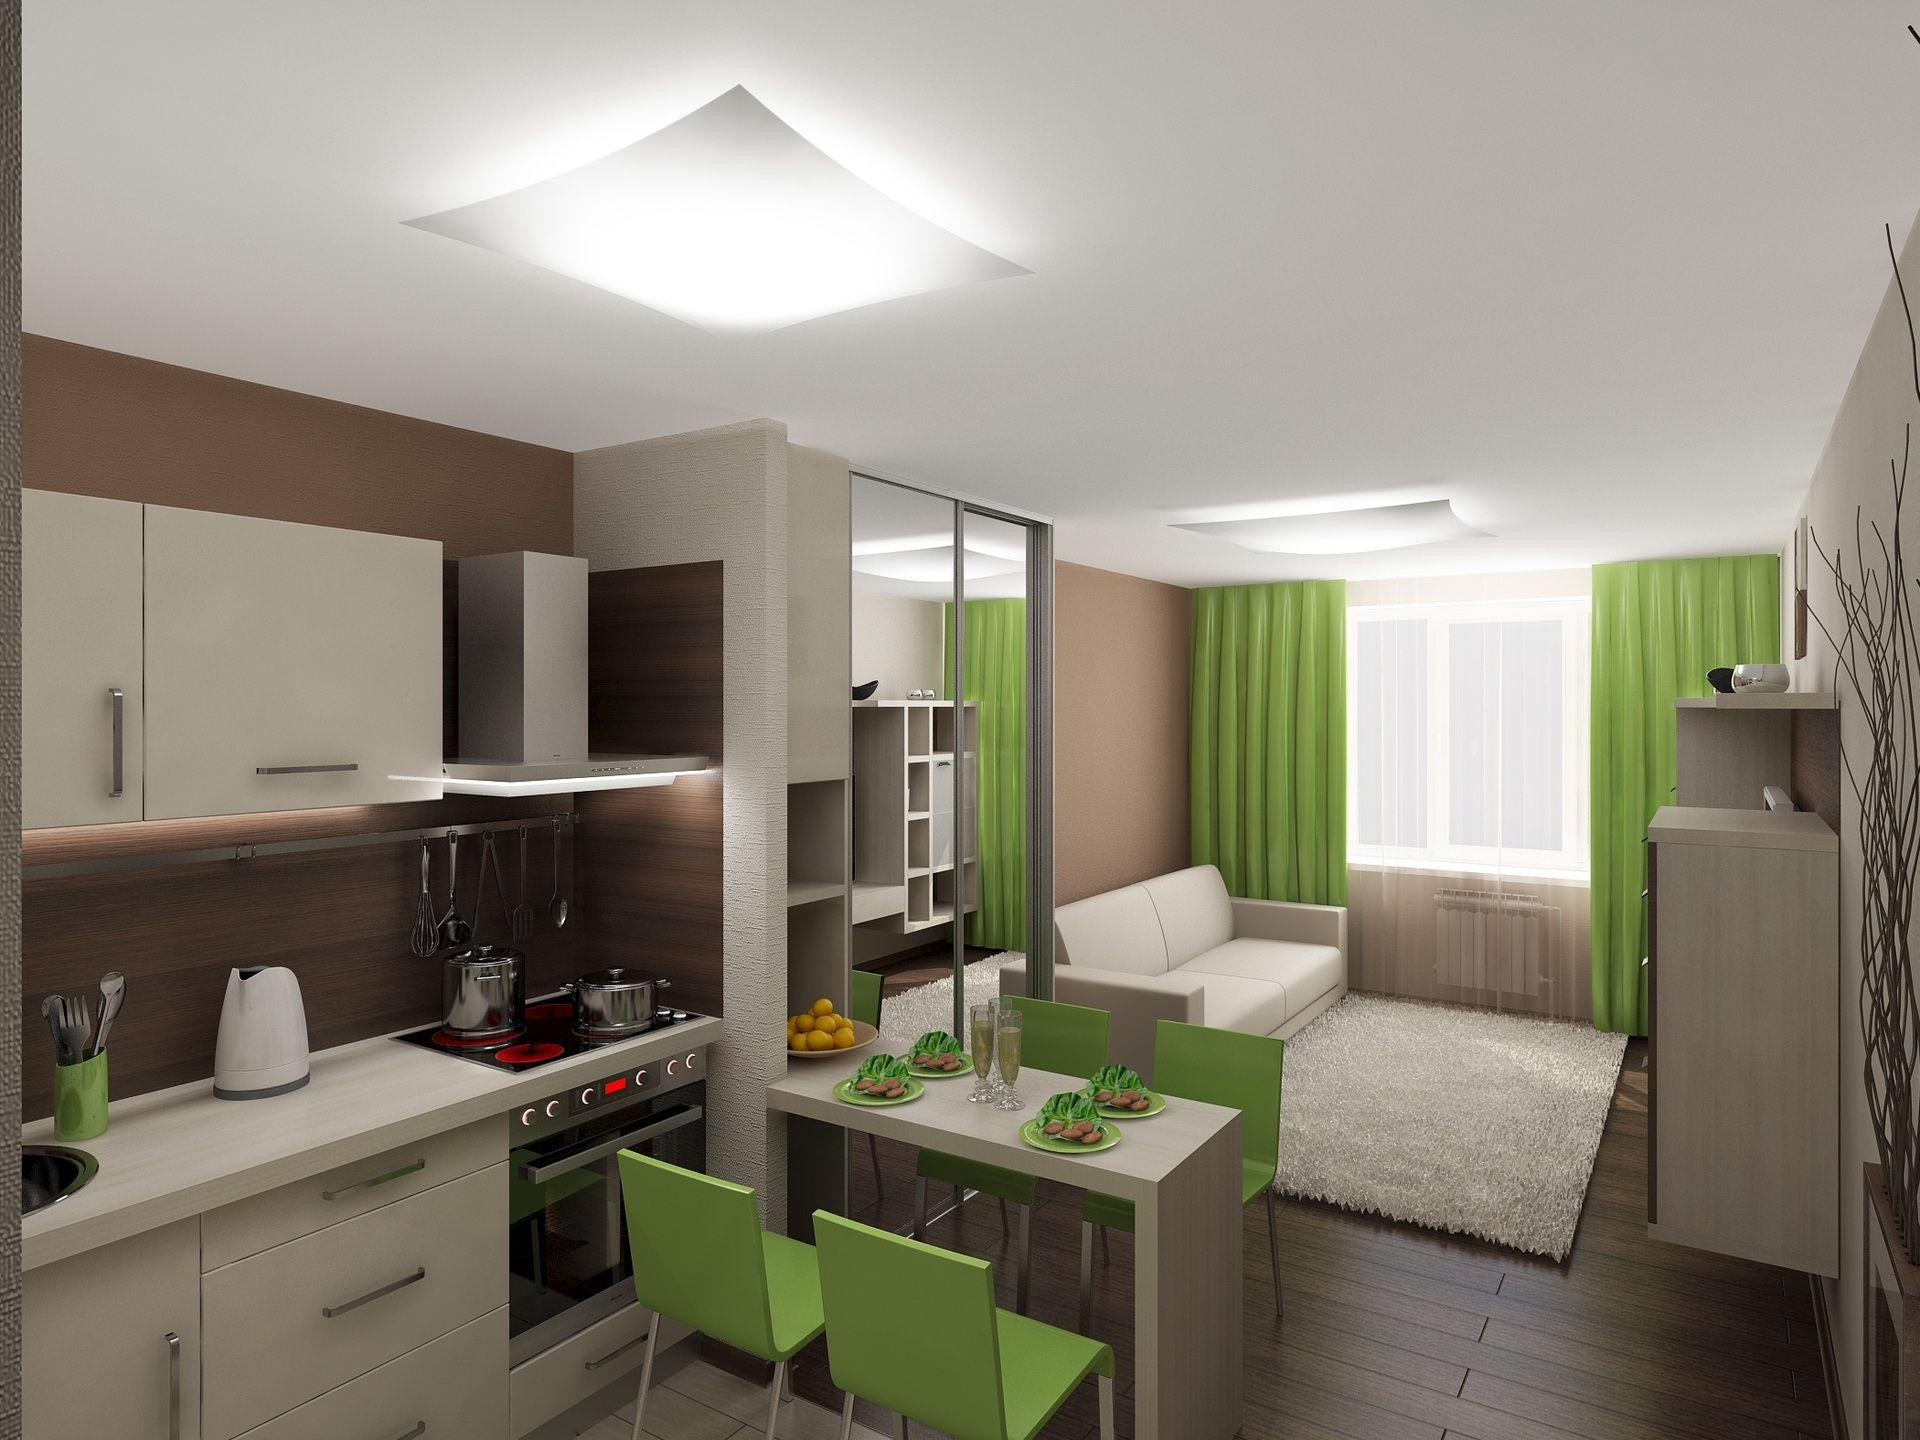 Дизайн квартиры студии 25 кв.м: разделение на зоны, фото с ...